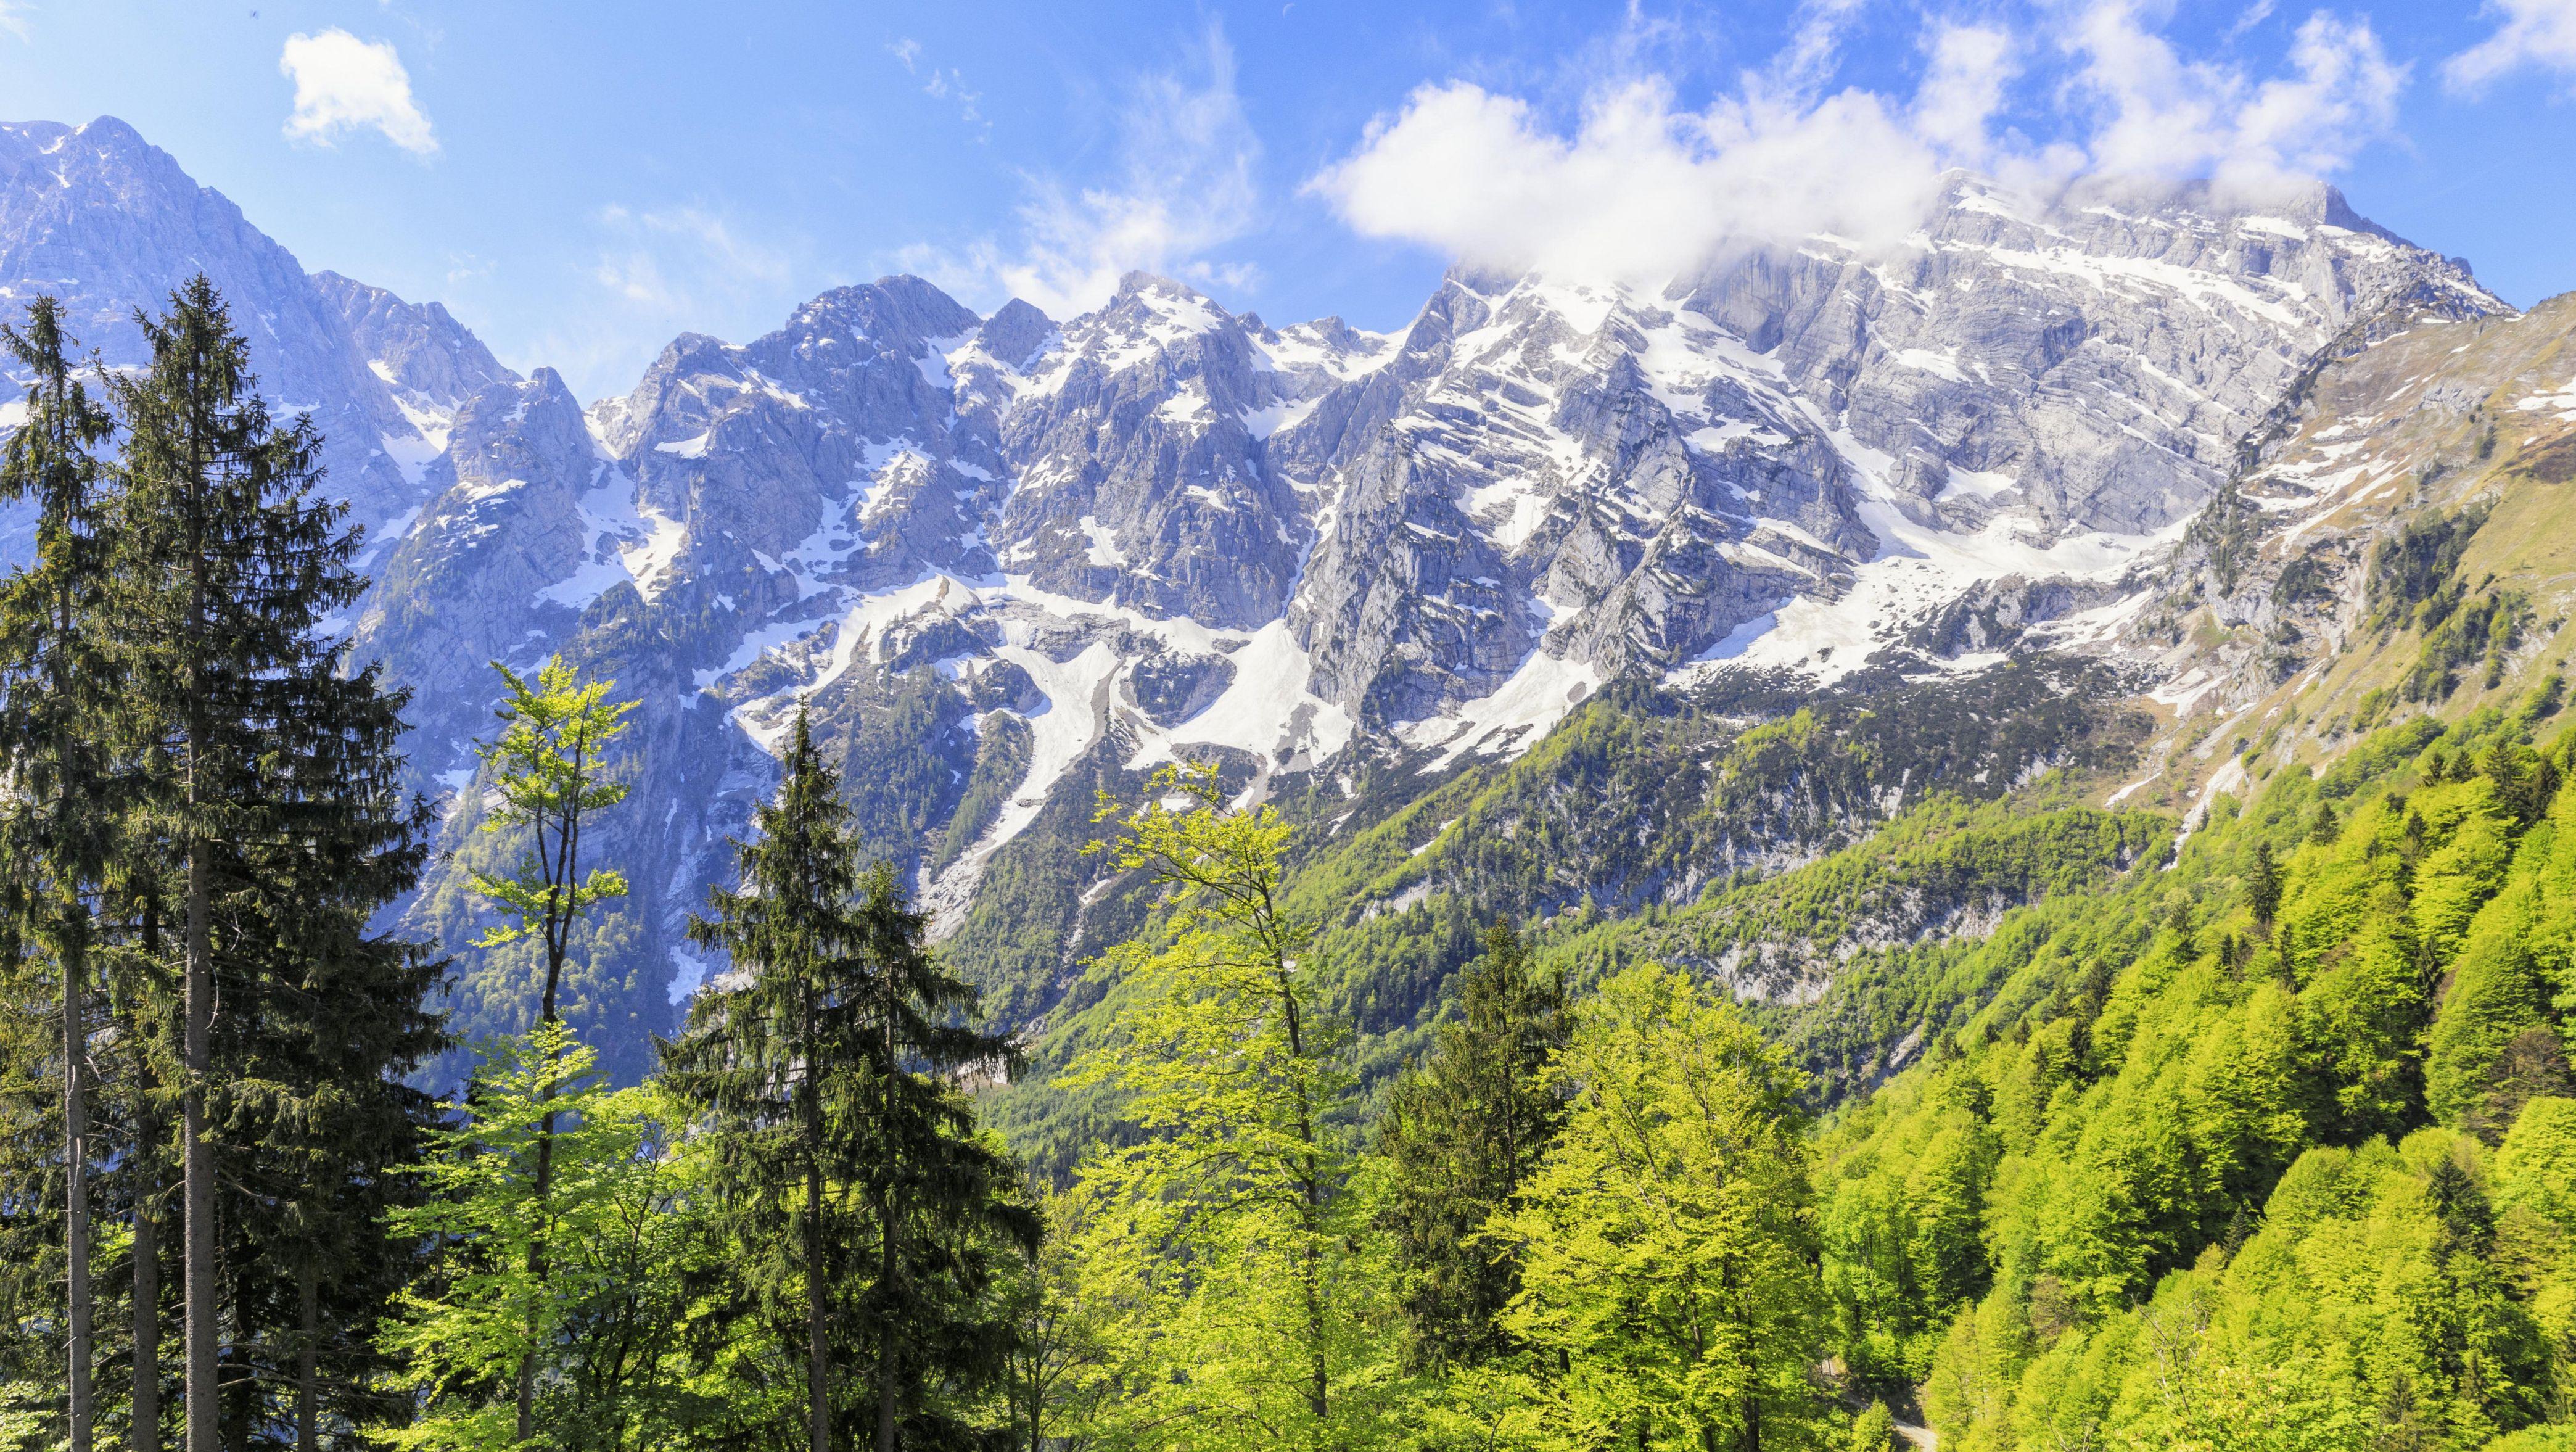 Blick vom Bergwald oberhalb von Gasteig, Ortsteil von Kuchl bei Salzburg, einem Hochtal über dem Salzachtal hinauf zur massiven Ostwand des Hohen Göll, Berchtesgadener Alpen.